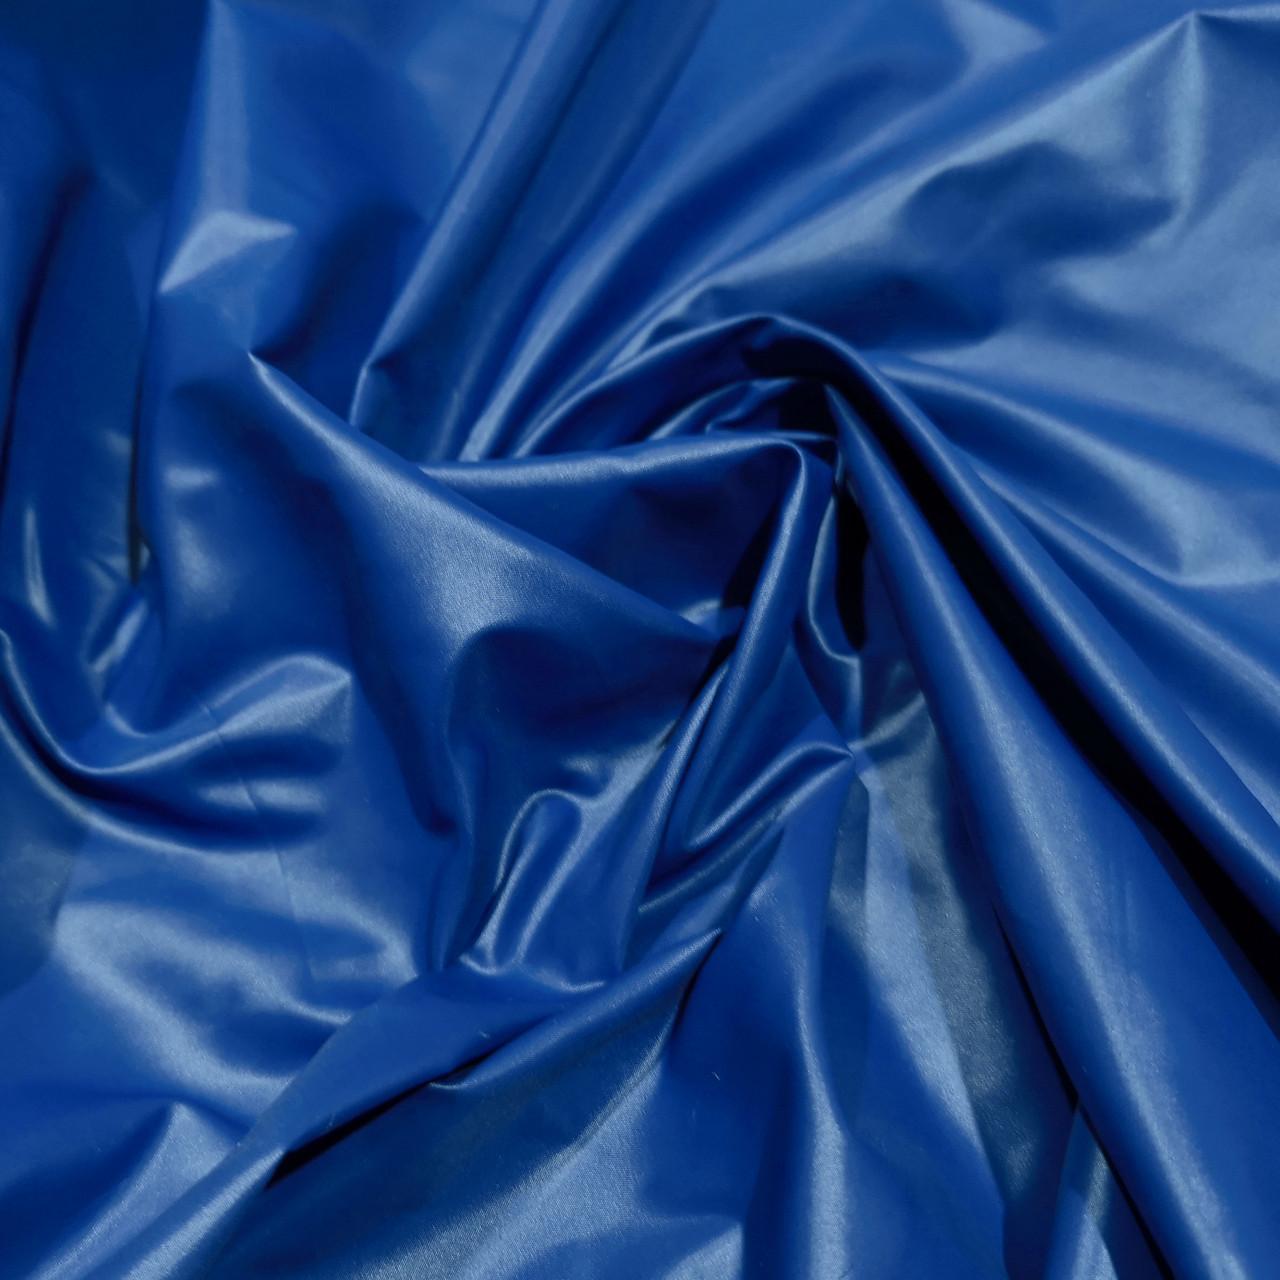 Плащевая ткань лаке синий электрик